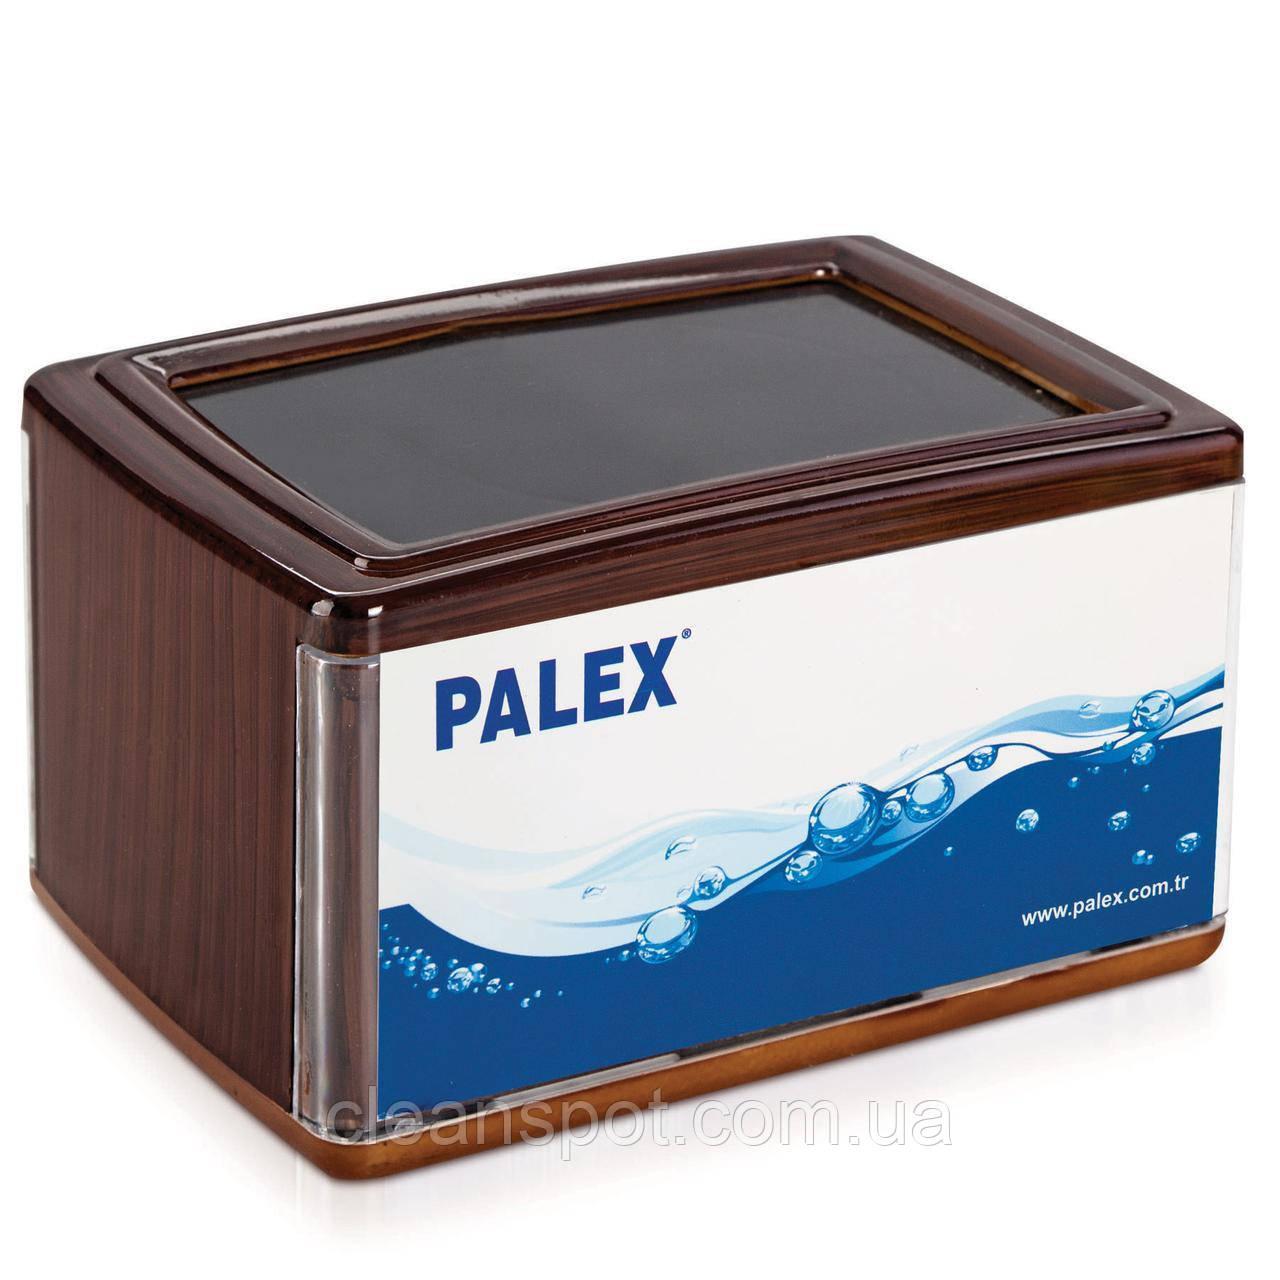 Диспеснер настольных салфеток V сложения PALEX коричневый